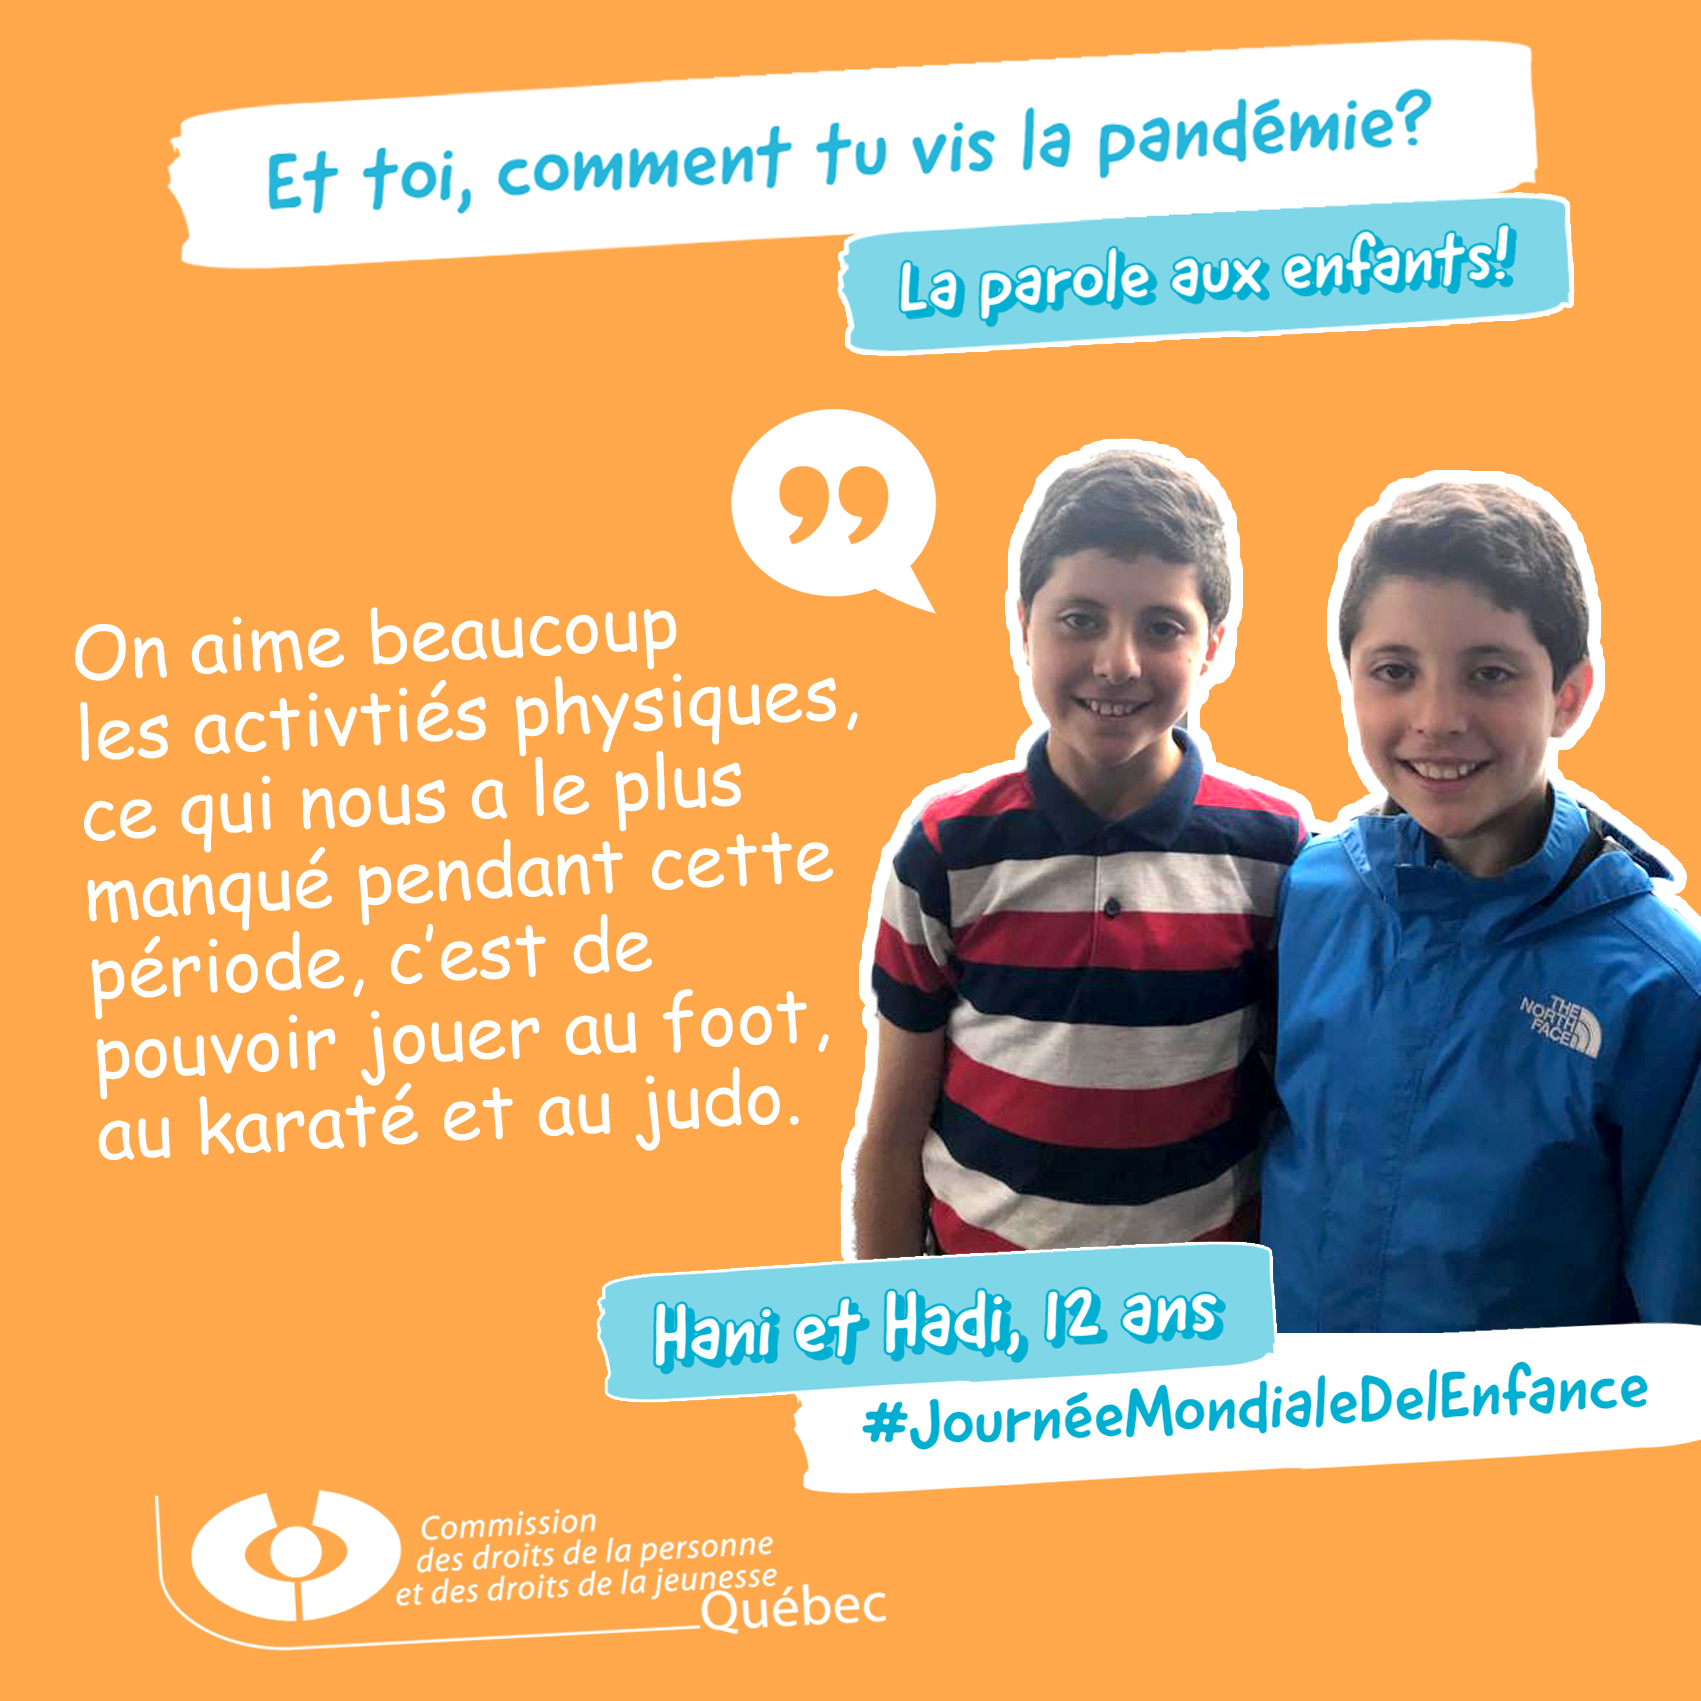 Photo et citation de Hani et Hadi qui répondent à la question Et toi, comment tu vis la pandémie?